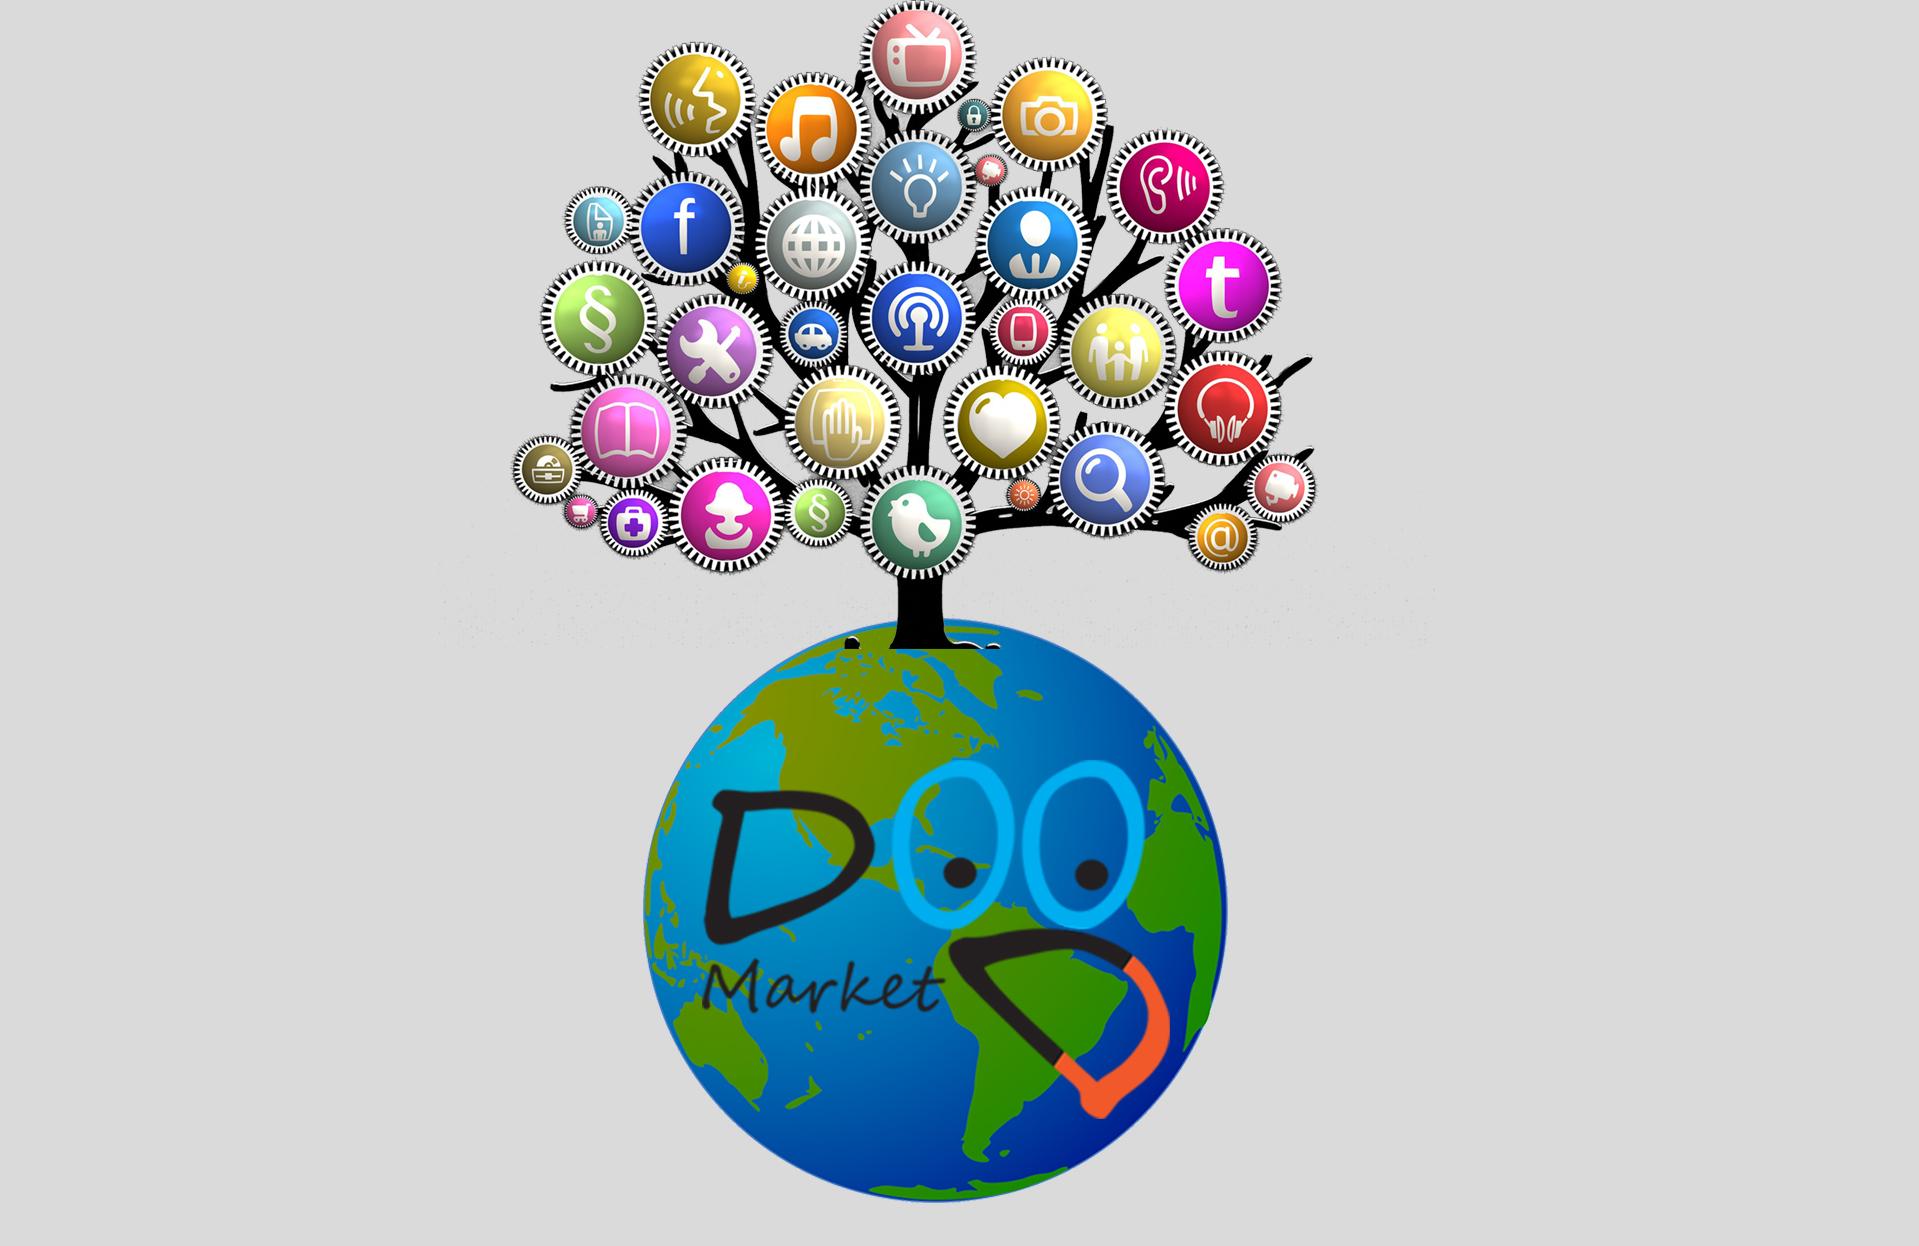 stran za brezplačno oglaševanje v mrežnem marketingu